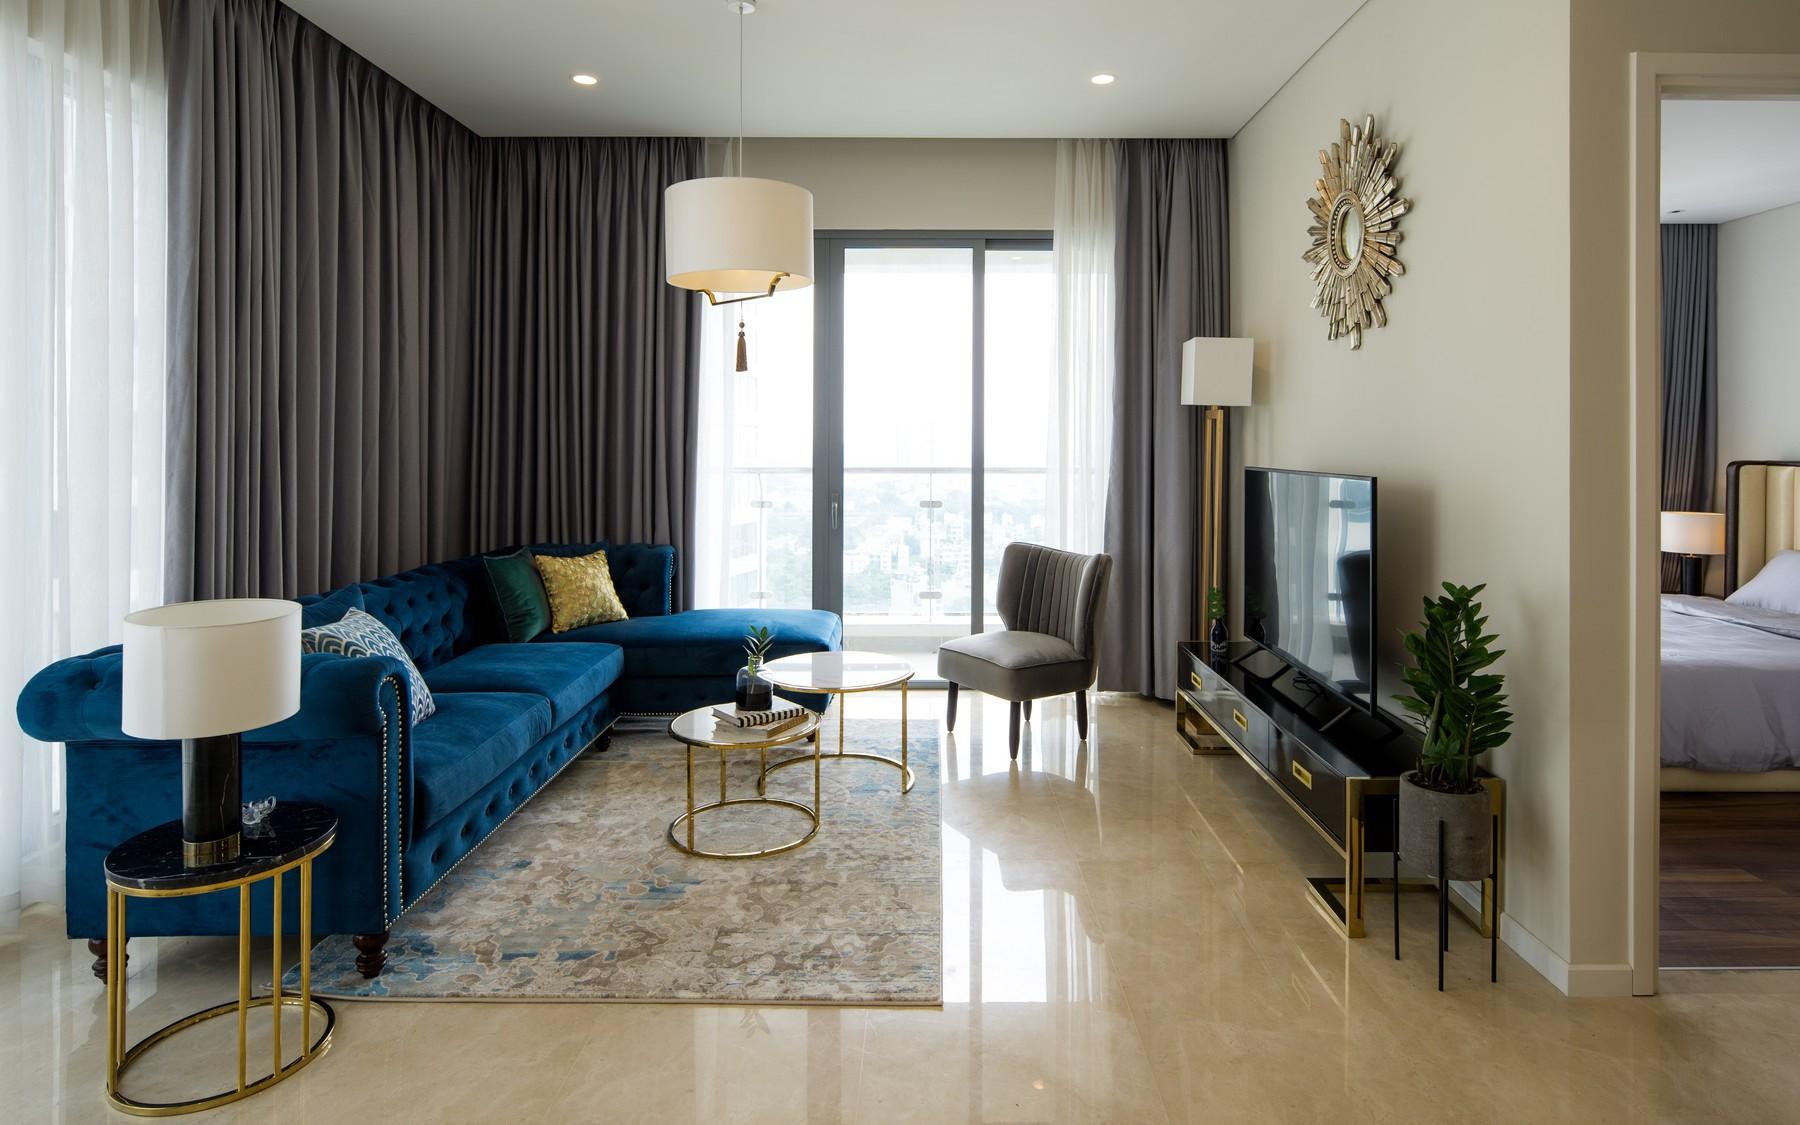 Mua căn hộ 940 triệu, thi công hết 118 triệu, đôi vợ chồng 9x đã biến căn hộ 67m² thành không gian sống đẹp đến từng chi tiết